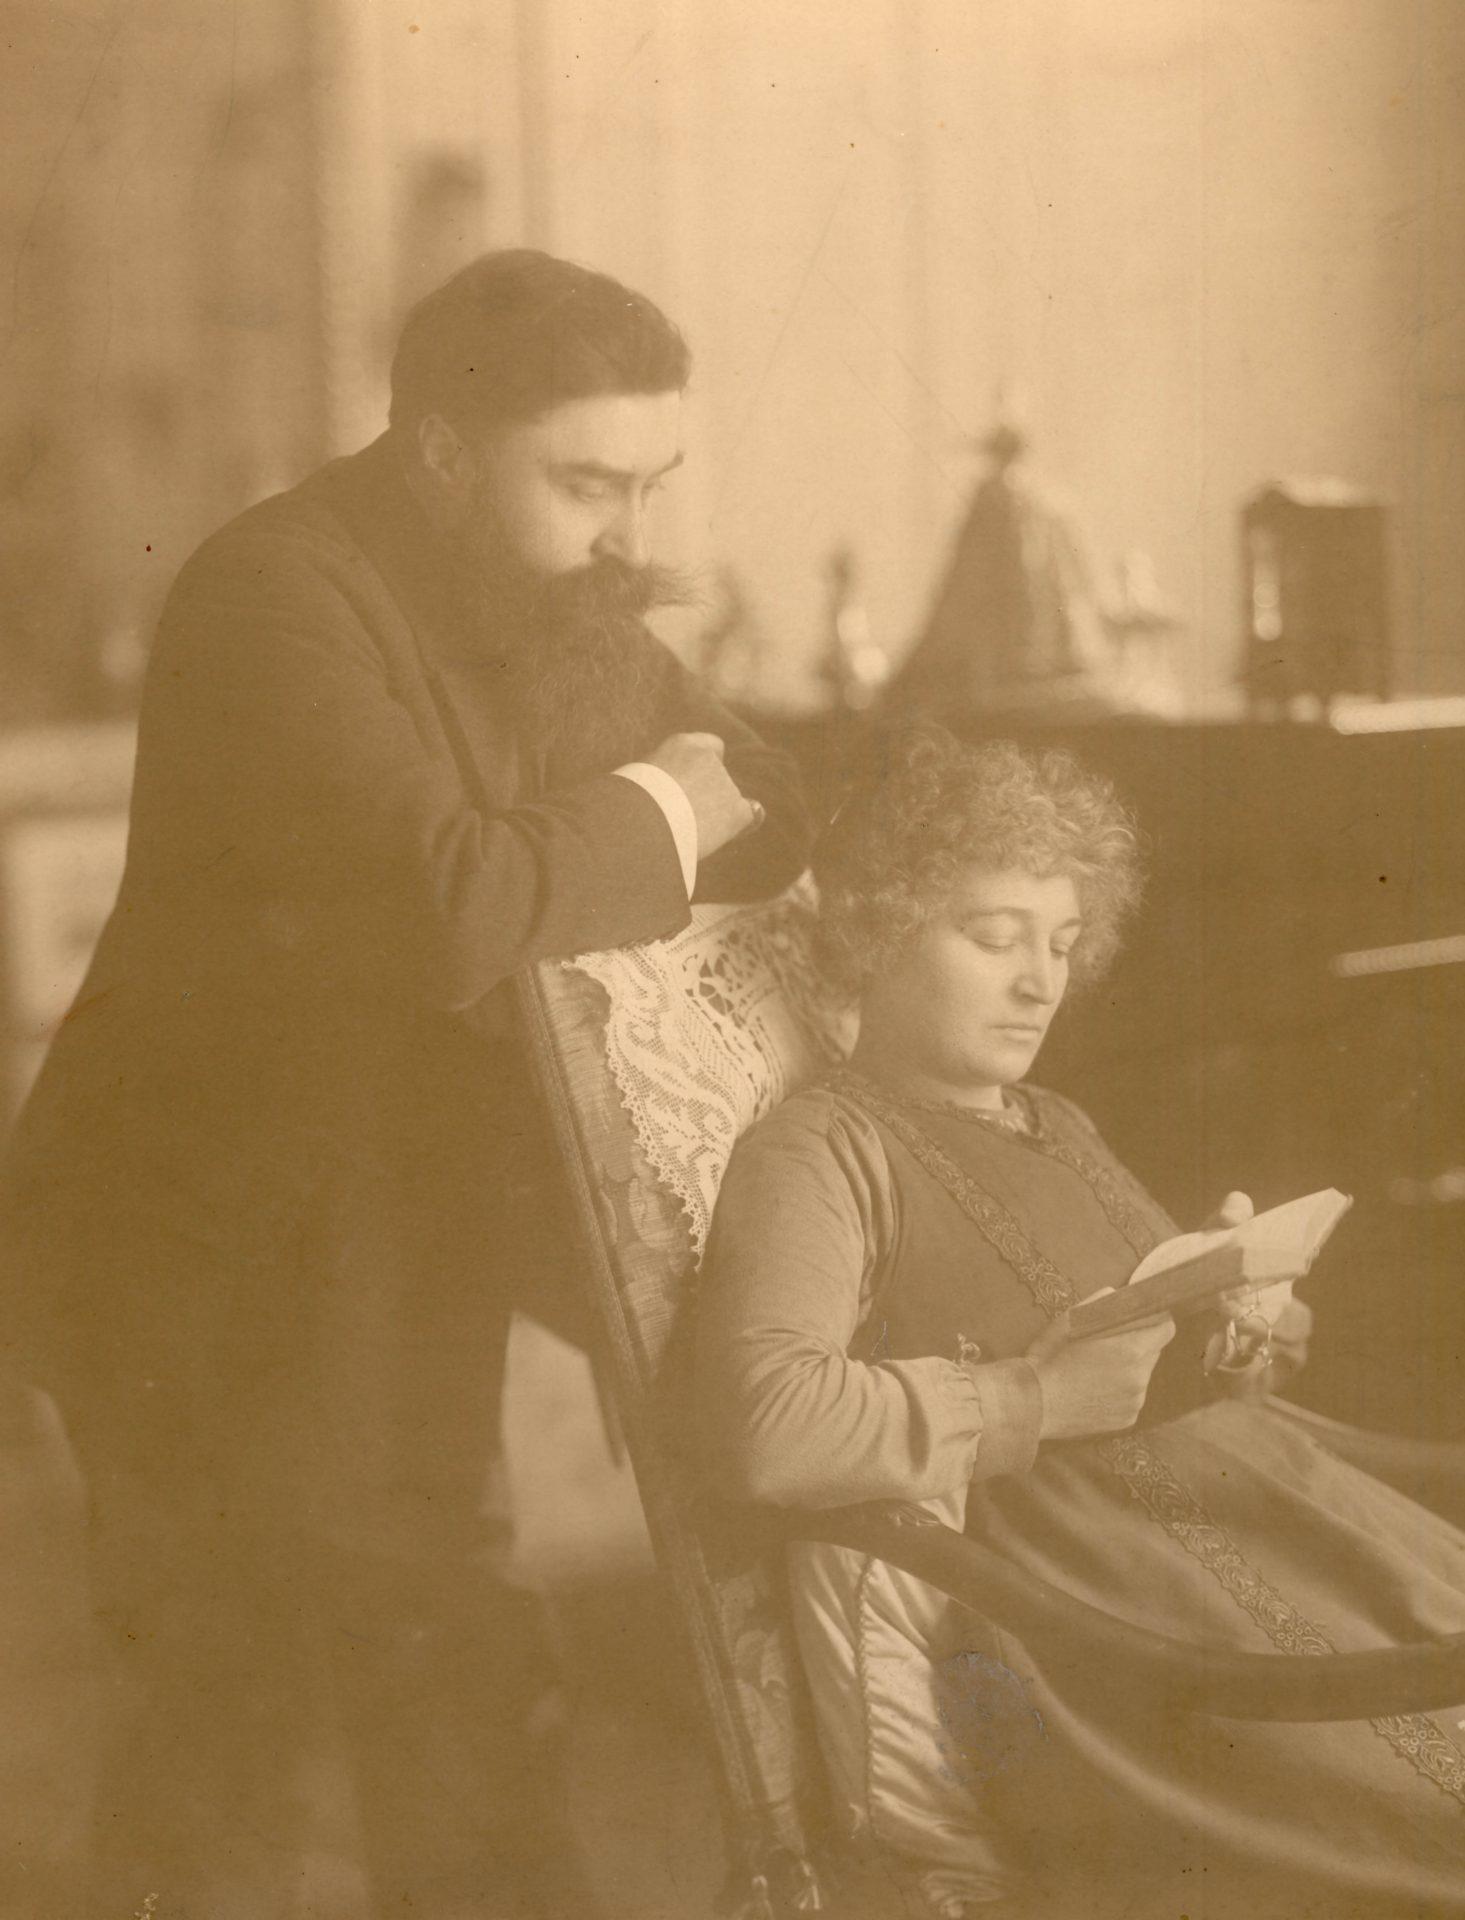 Alexandre Varenne et Marie-Mélanie Foussadier lisant. 62 rue Saussaie, Paris - Crédit: Christian Duvivier